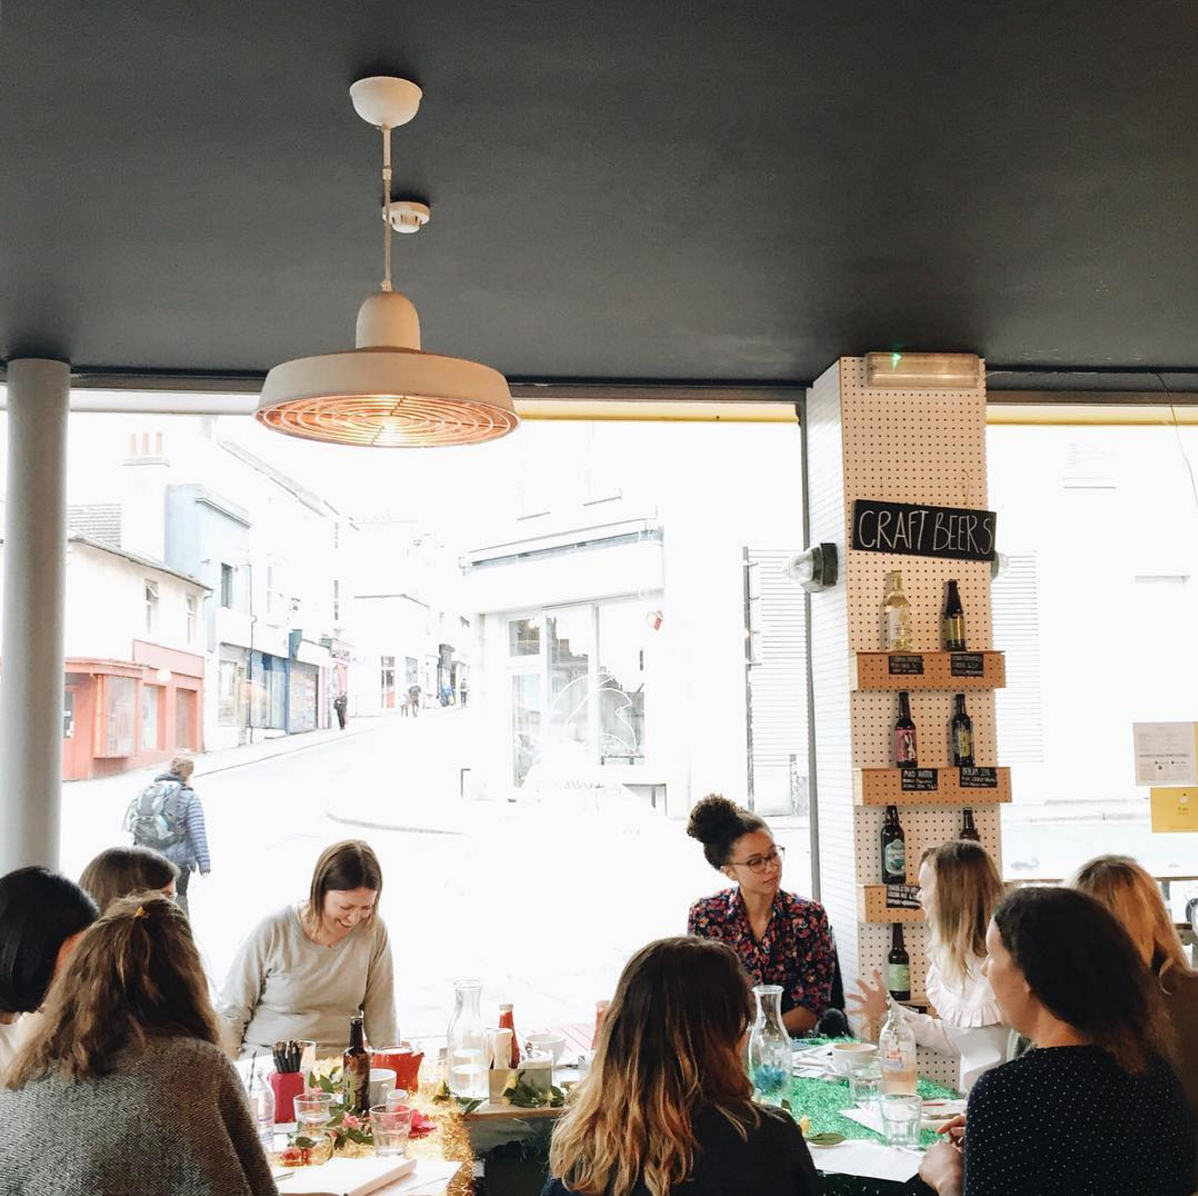 Public Speaking (UK + Norway) - Self care for women entrepreneurs